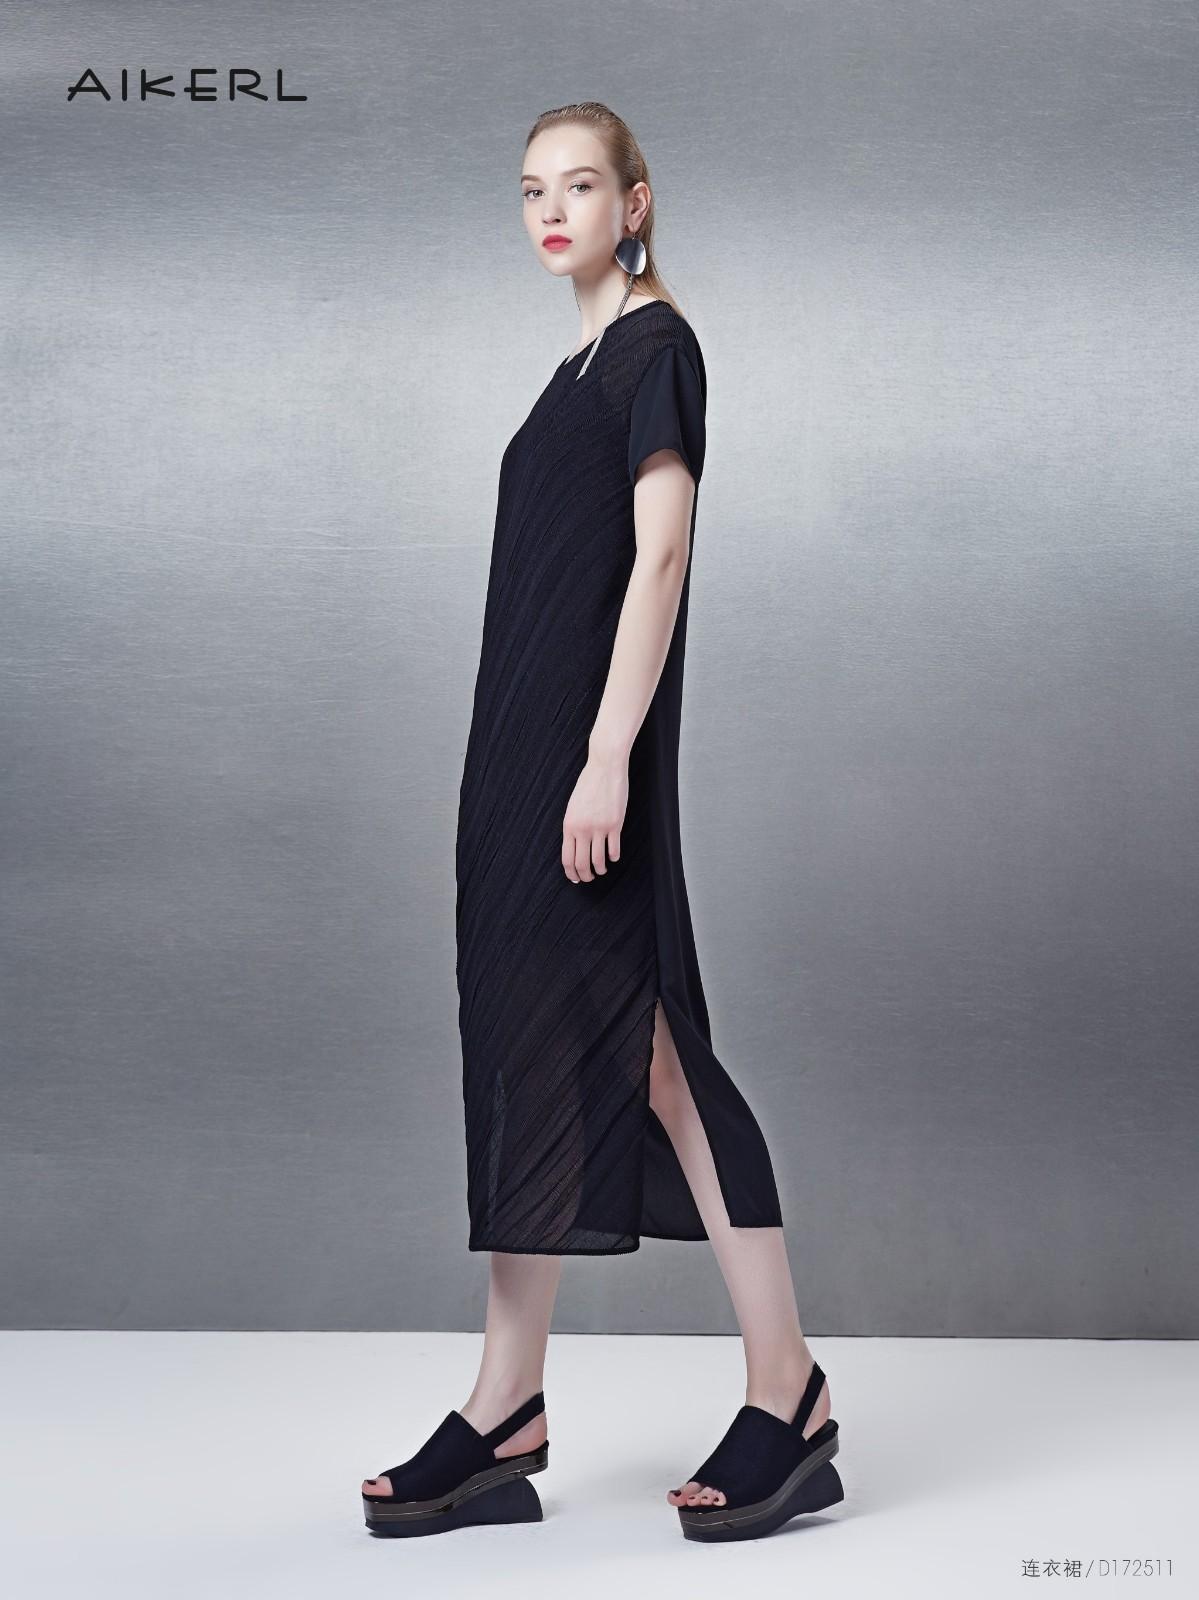 【aikerl艾可儿四月物语】一条连衣裙的夏日独白